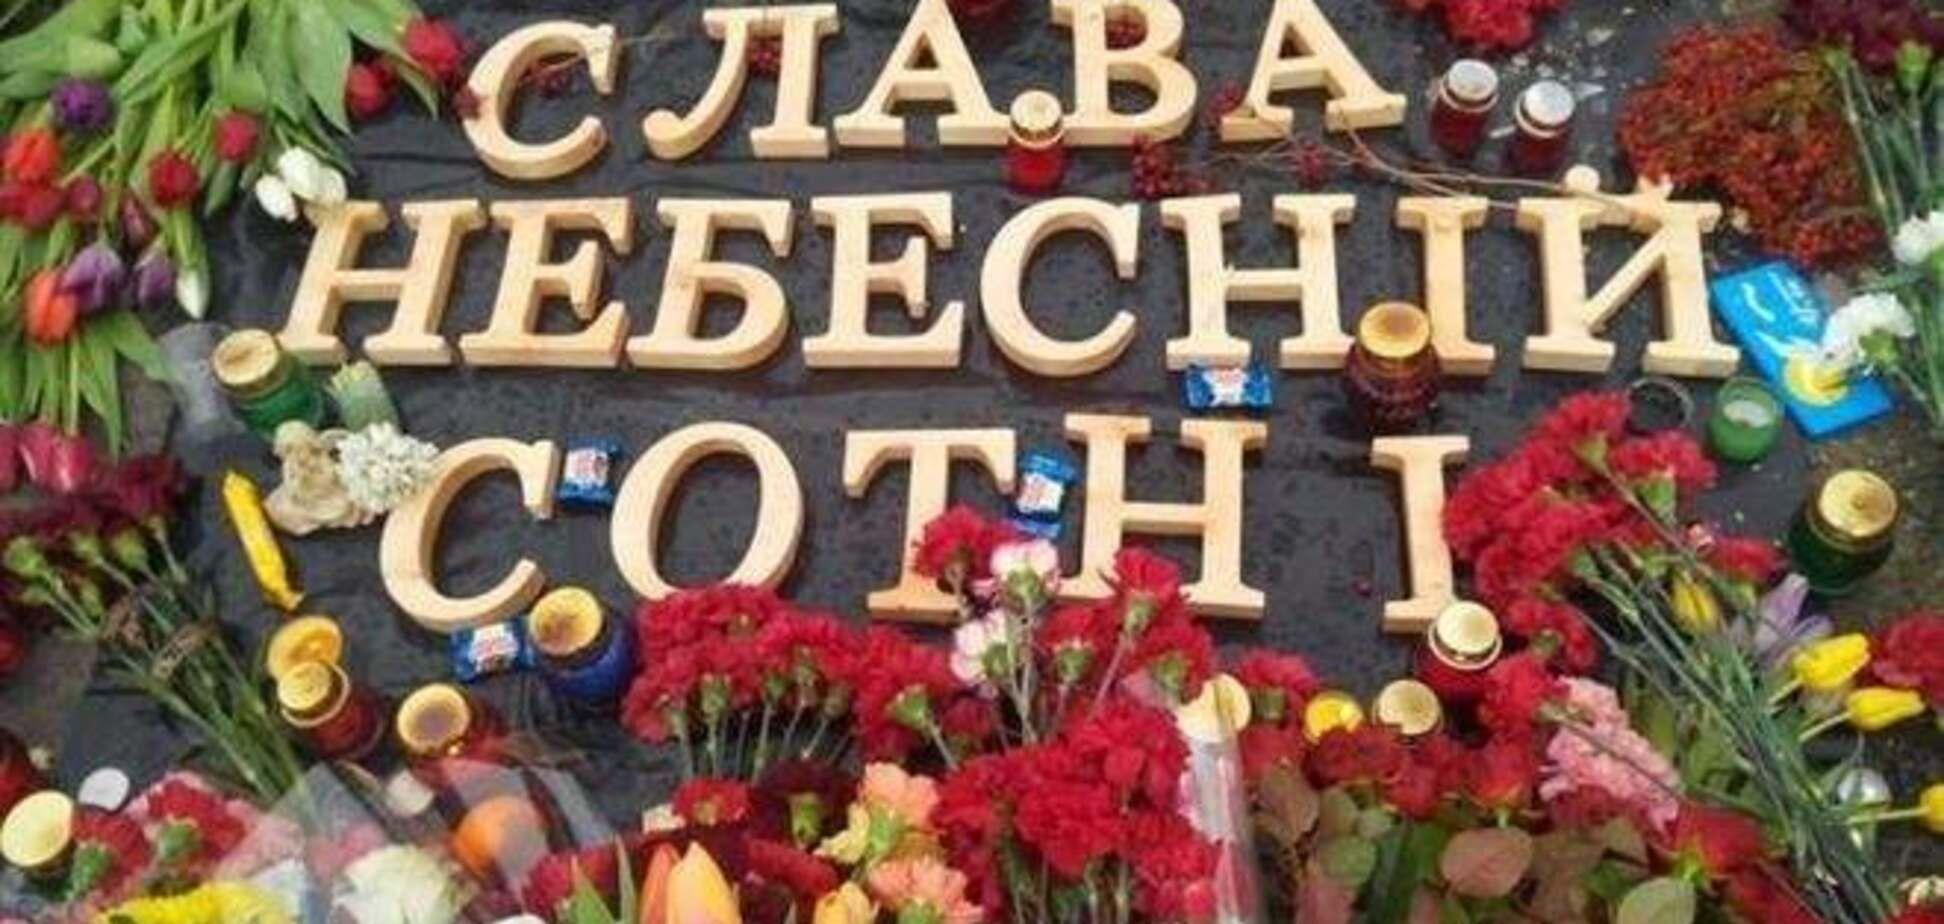 Після протистояння в центрі Києва продовжують вмирати люди - МОЗ